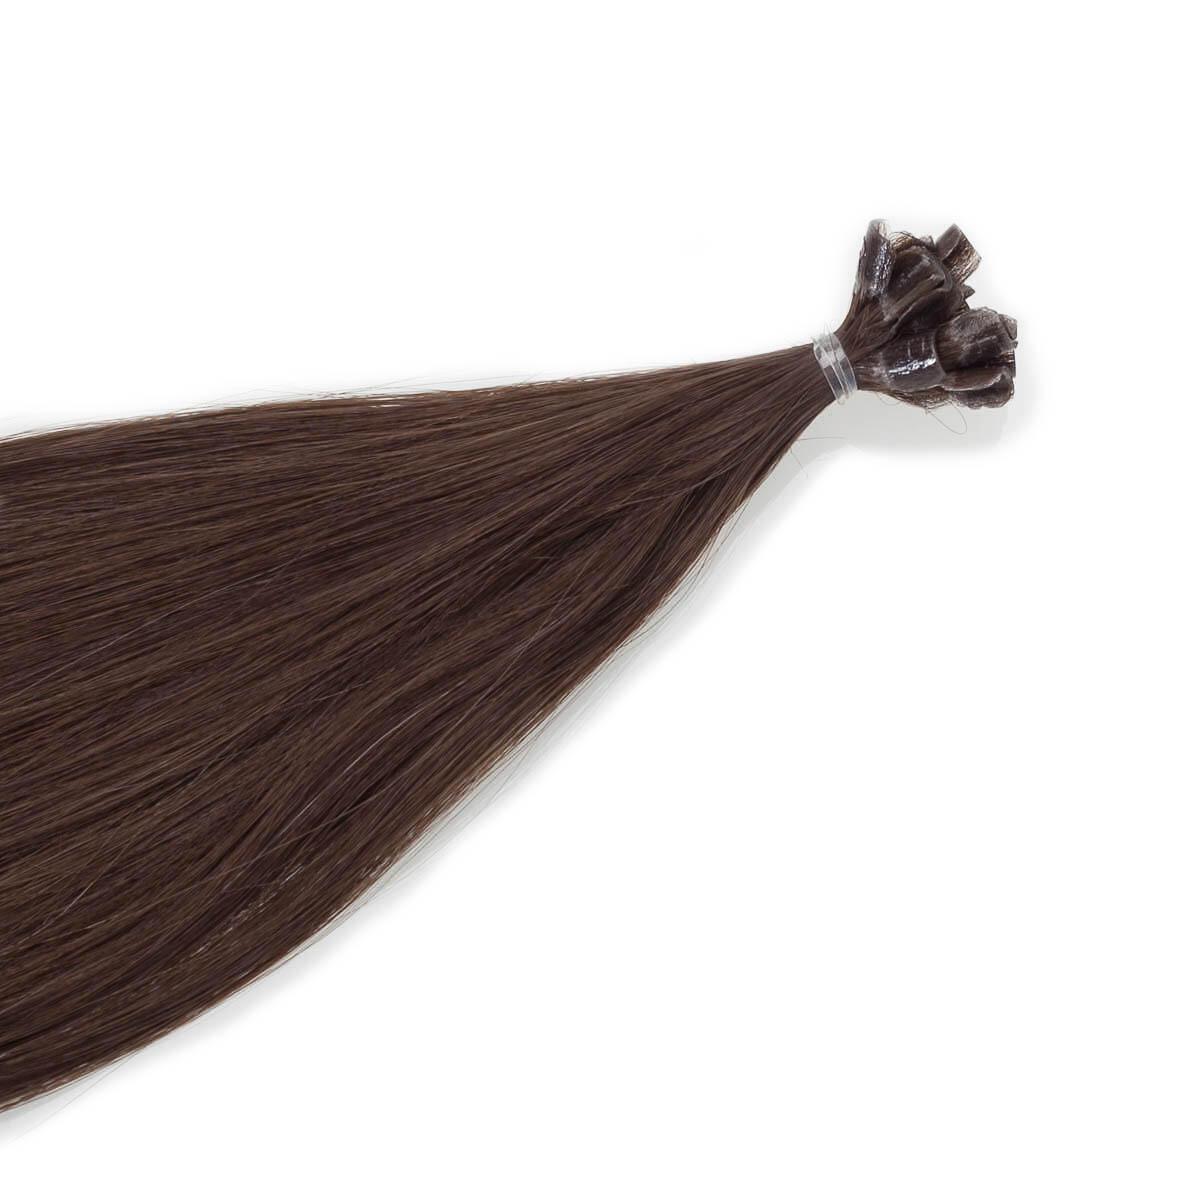 Bondings Original Glatt 2.6 Dark Ash Brown 50 cm